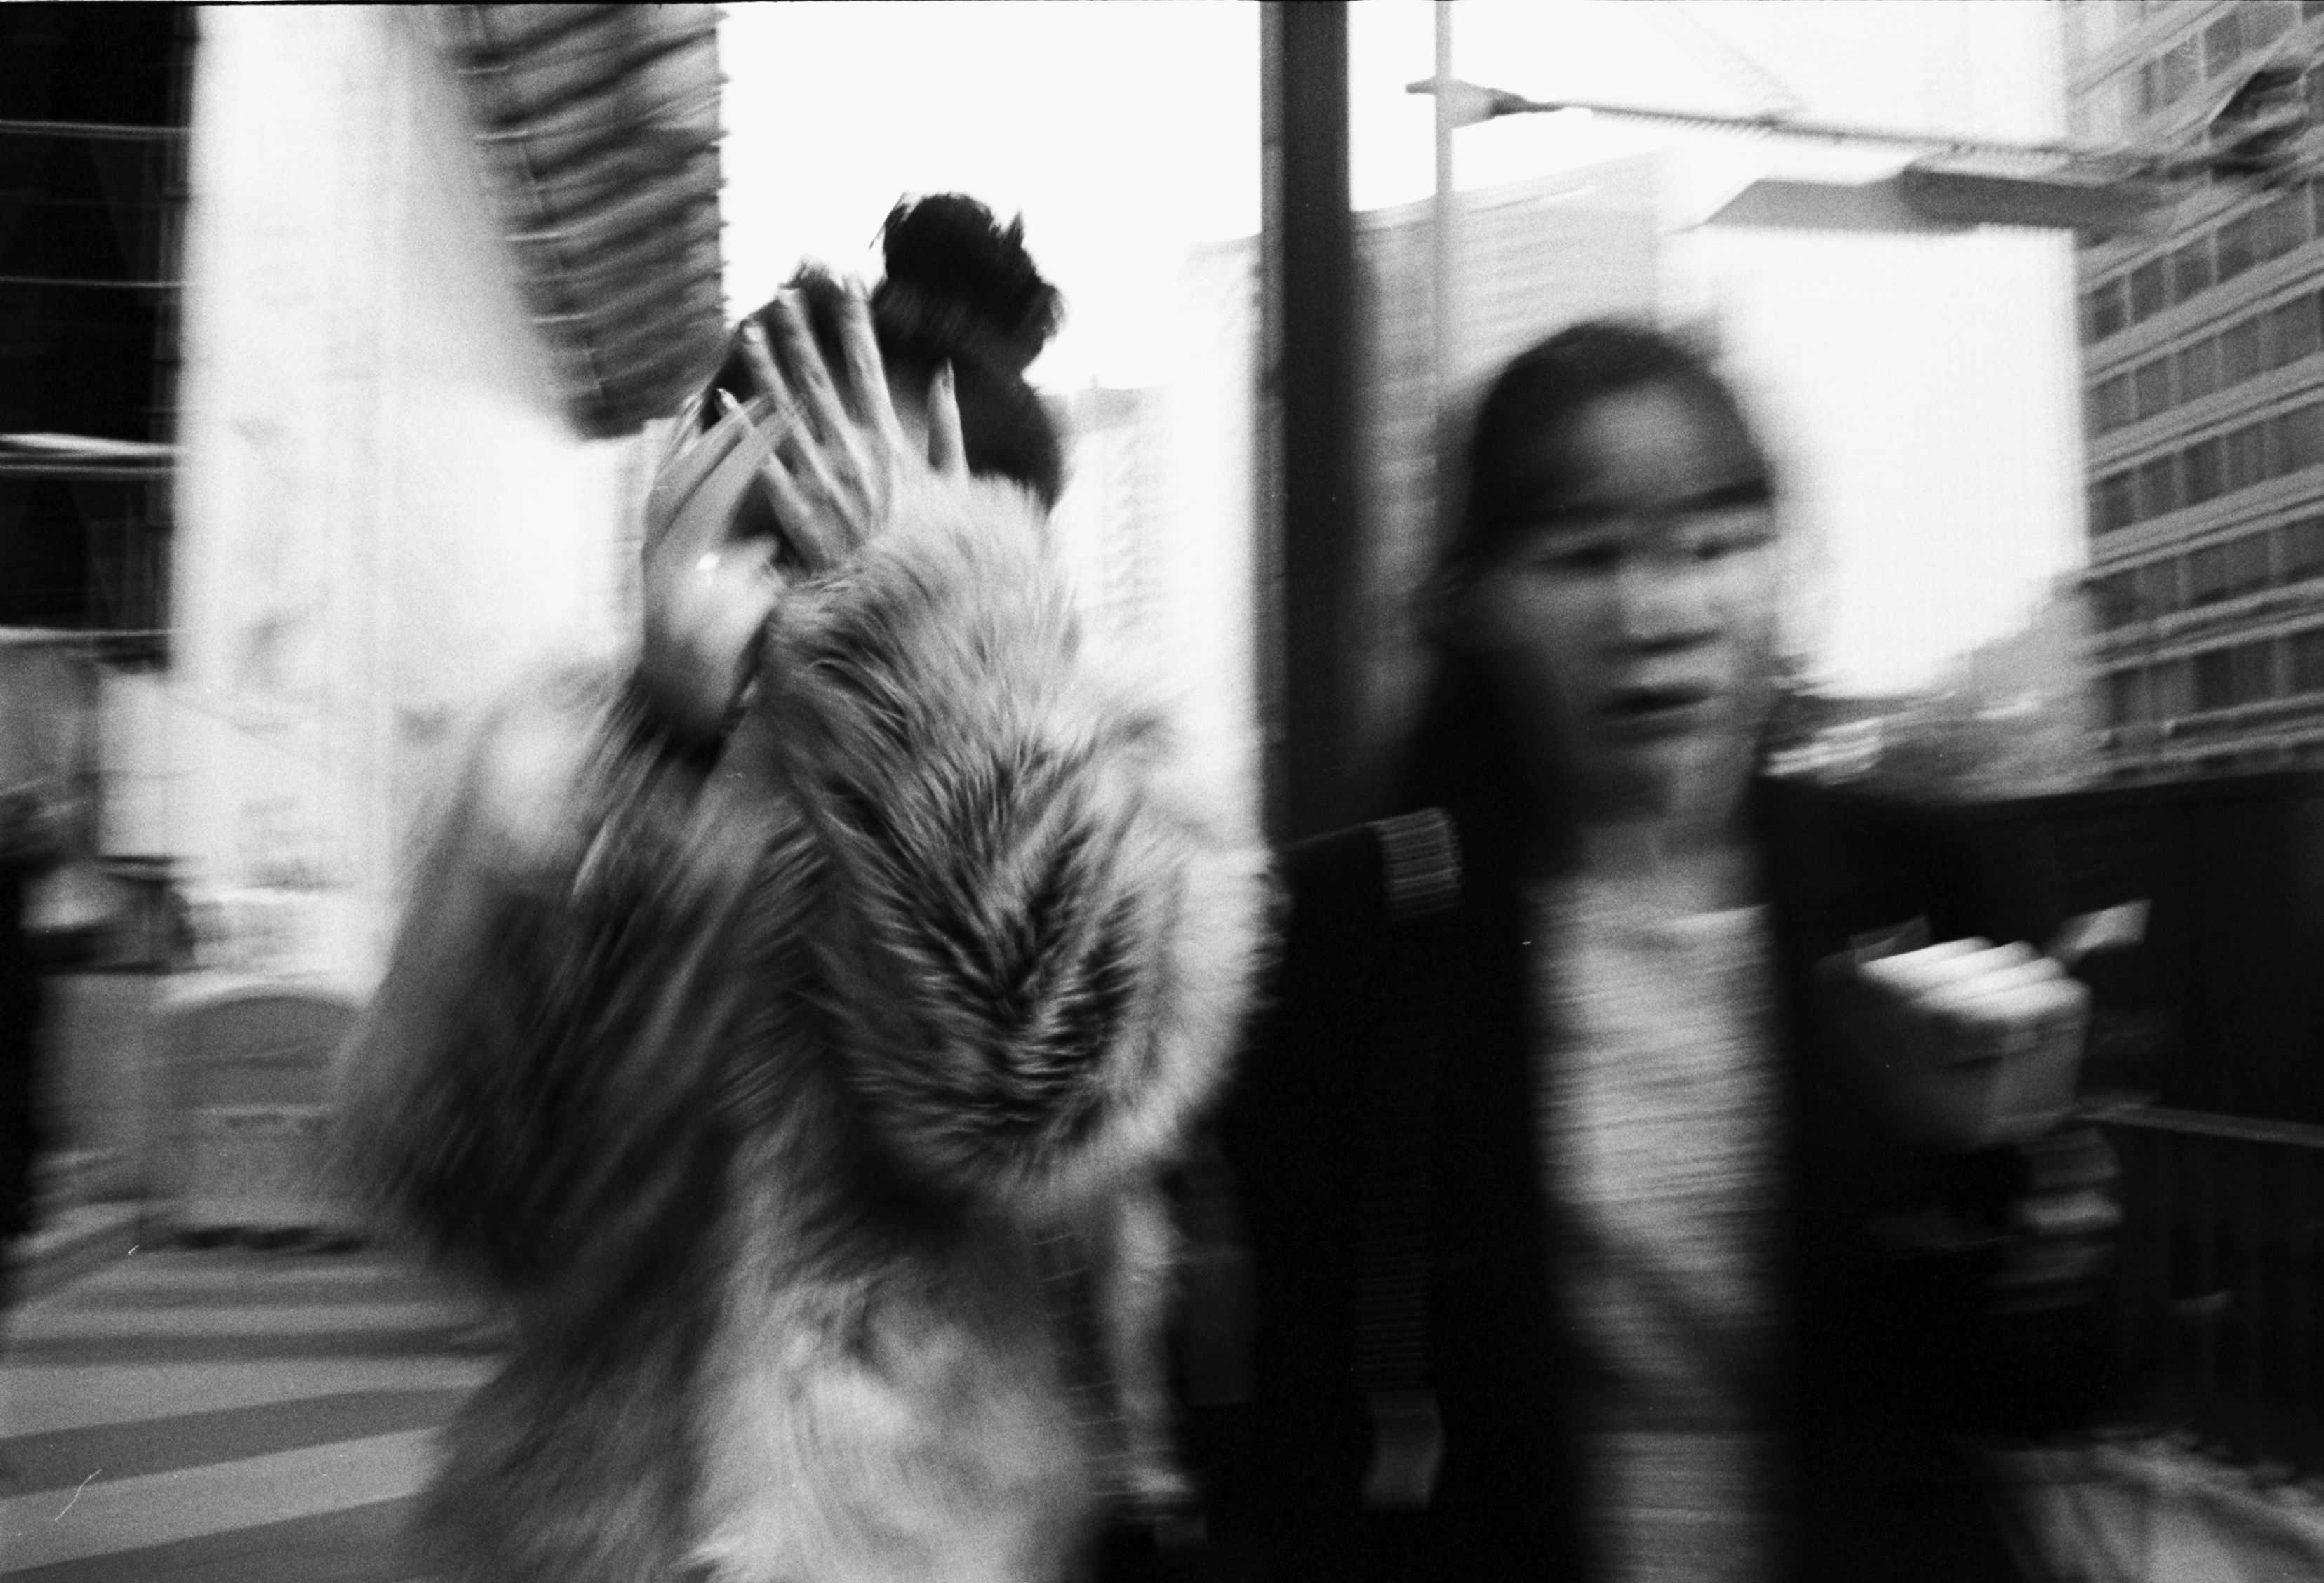 Seoul, 2012. Blur of woman in fur coat.